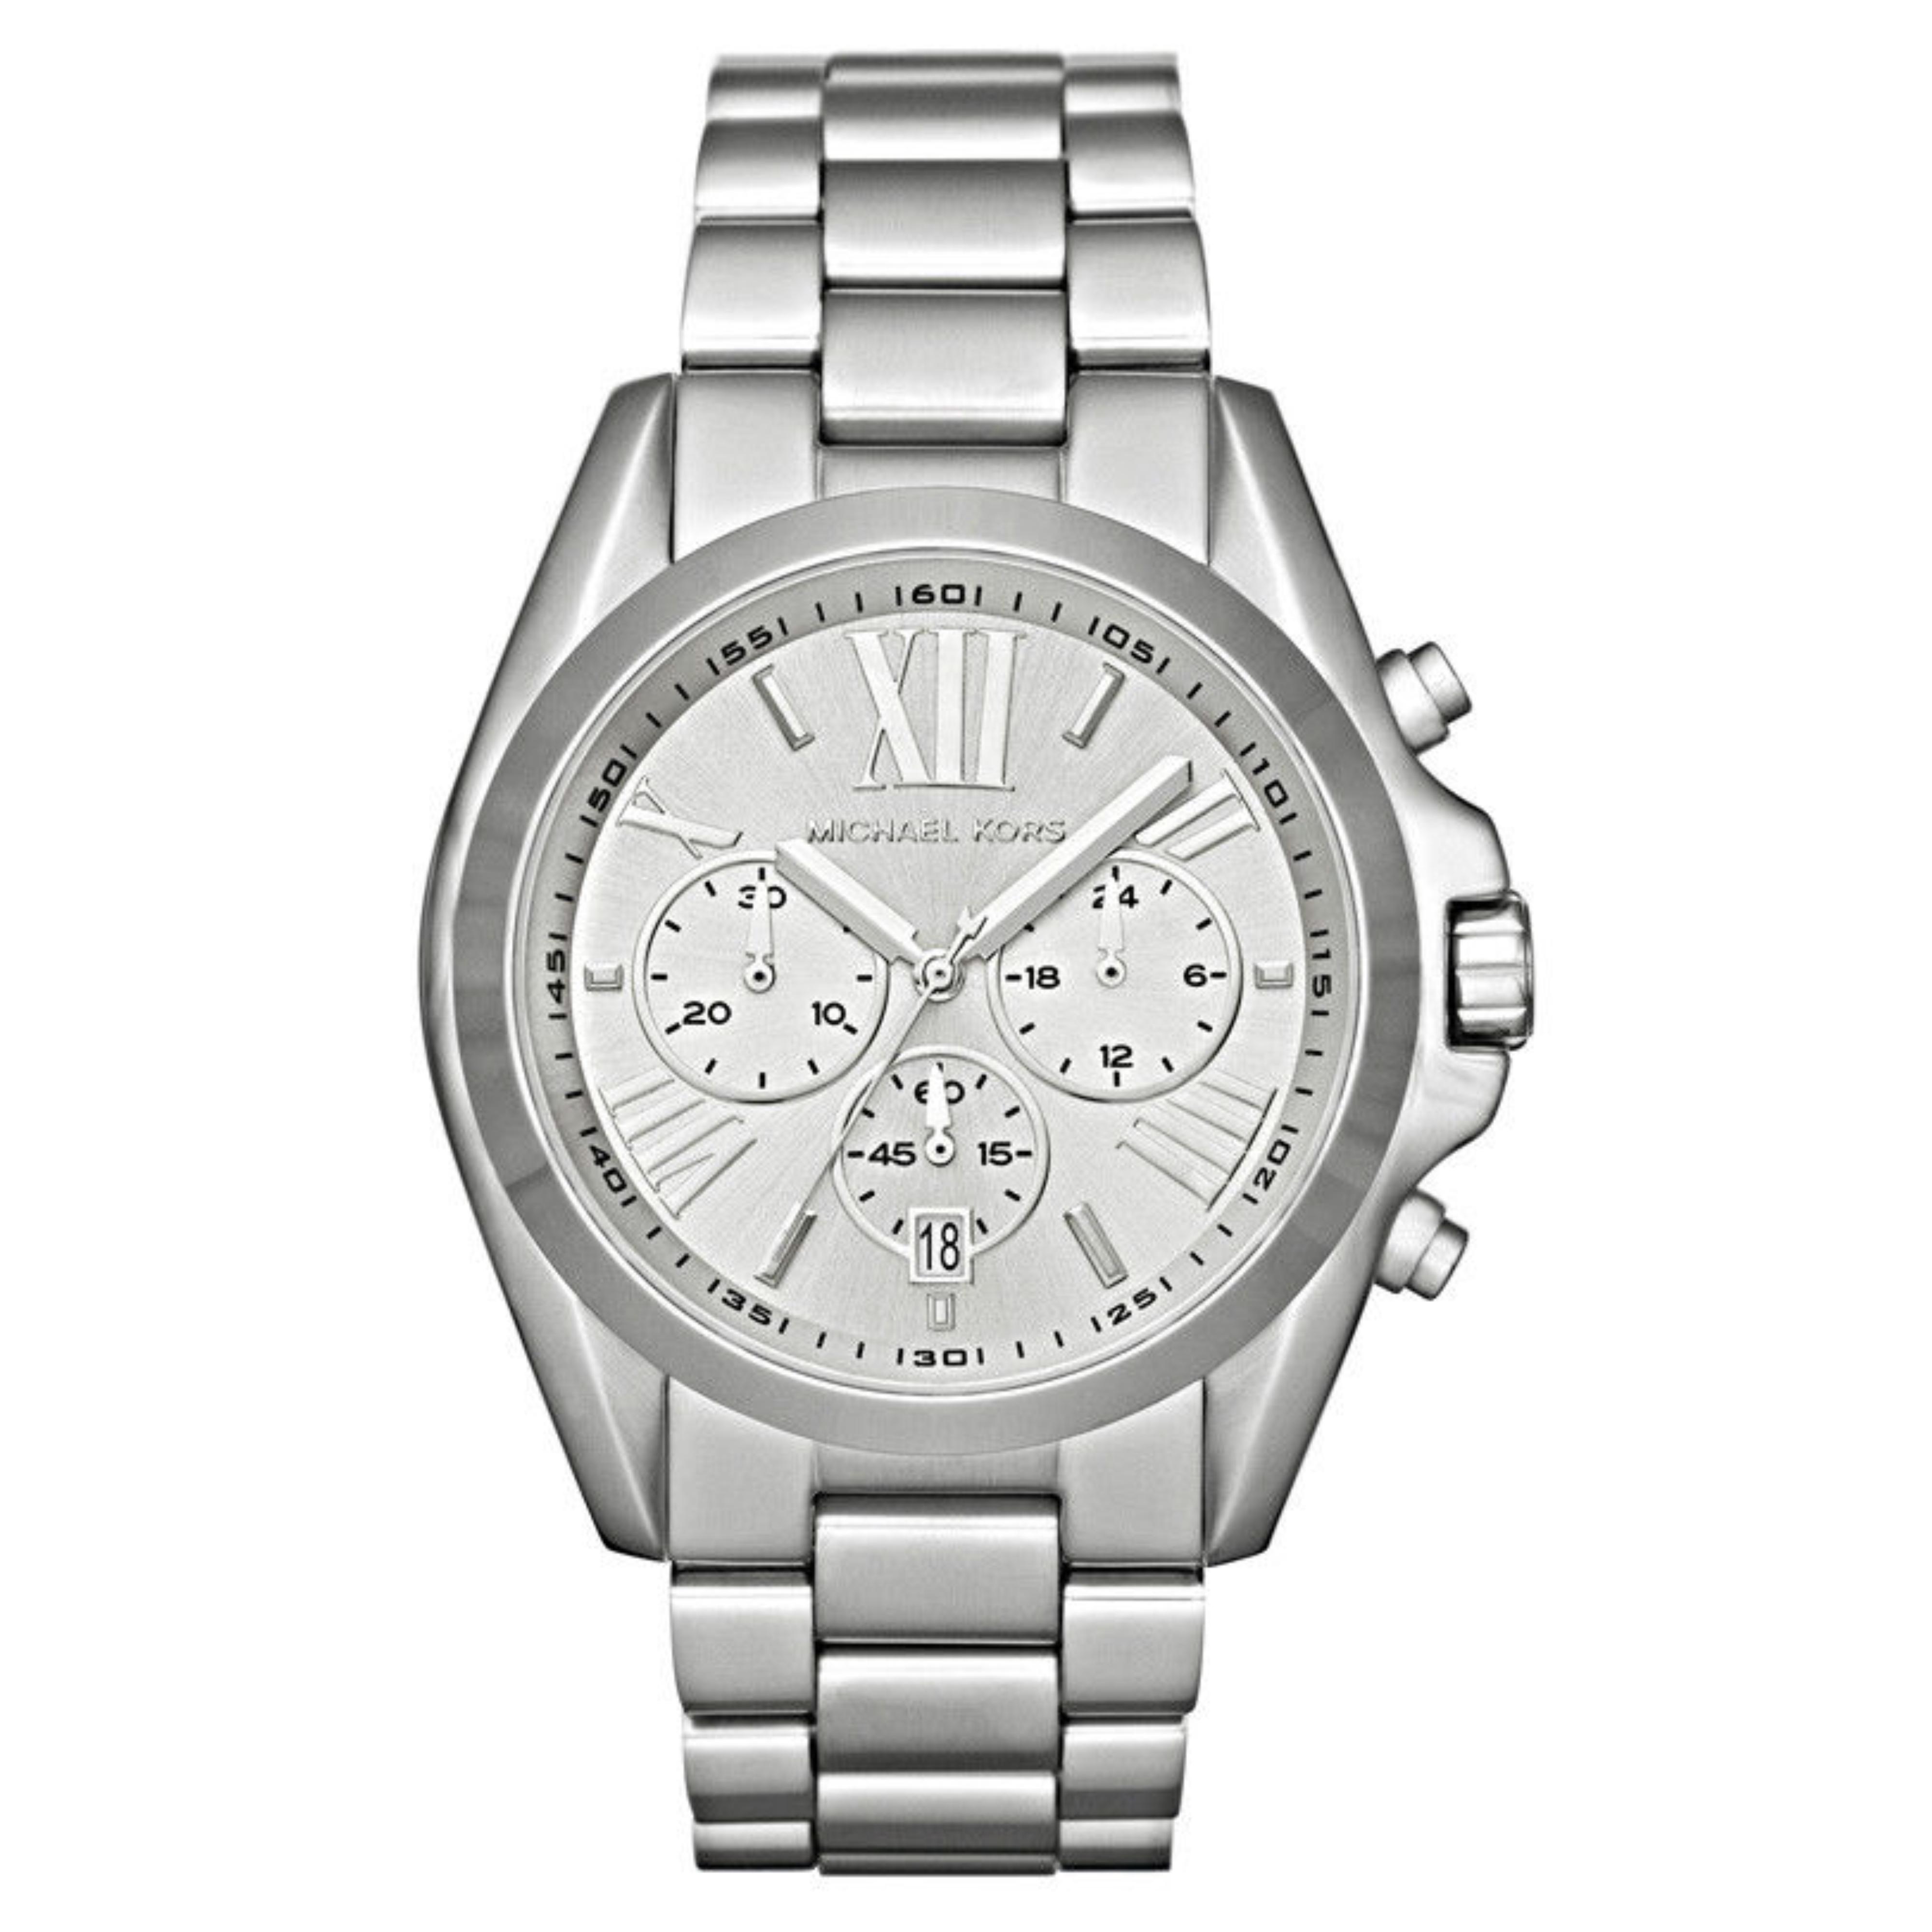 Michael Kors Bradshaw Las Watch Chronograph Dial Silver Tone Bracelet Mk5535